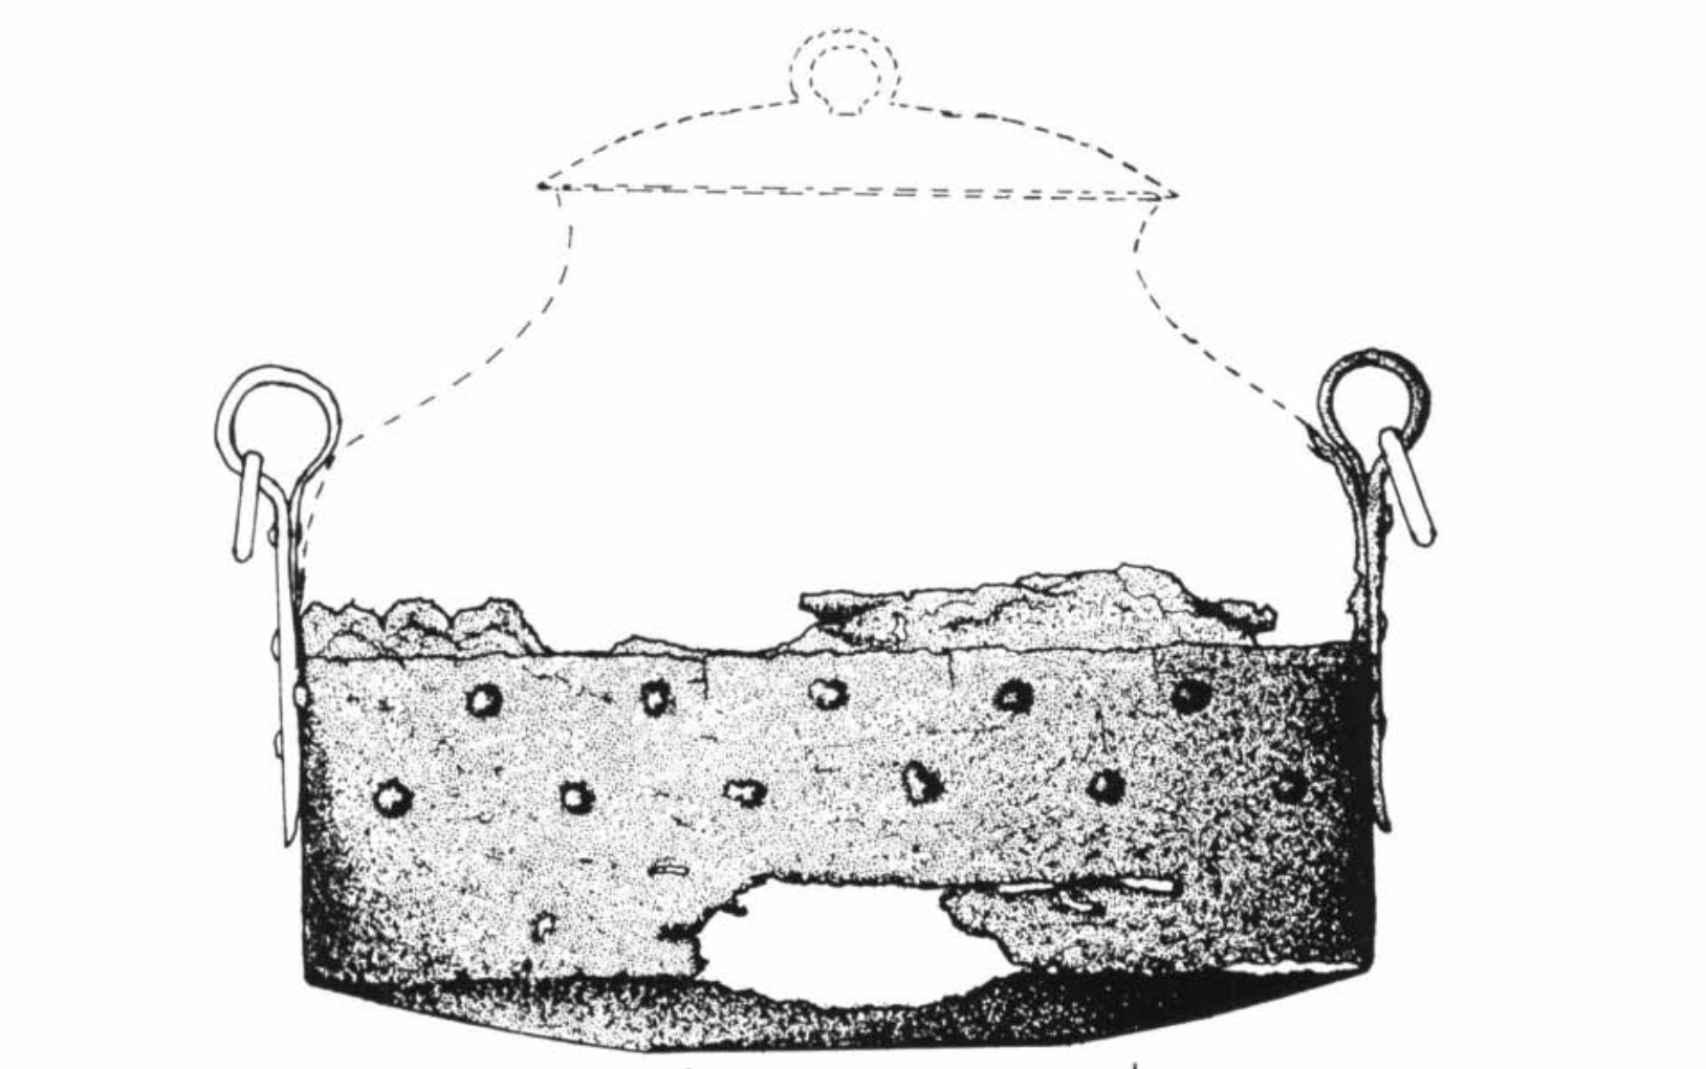 Aproximación del estado primitivo de la olla.